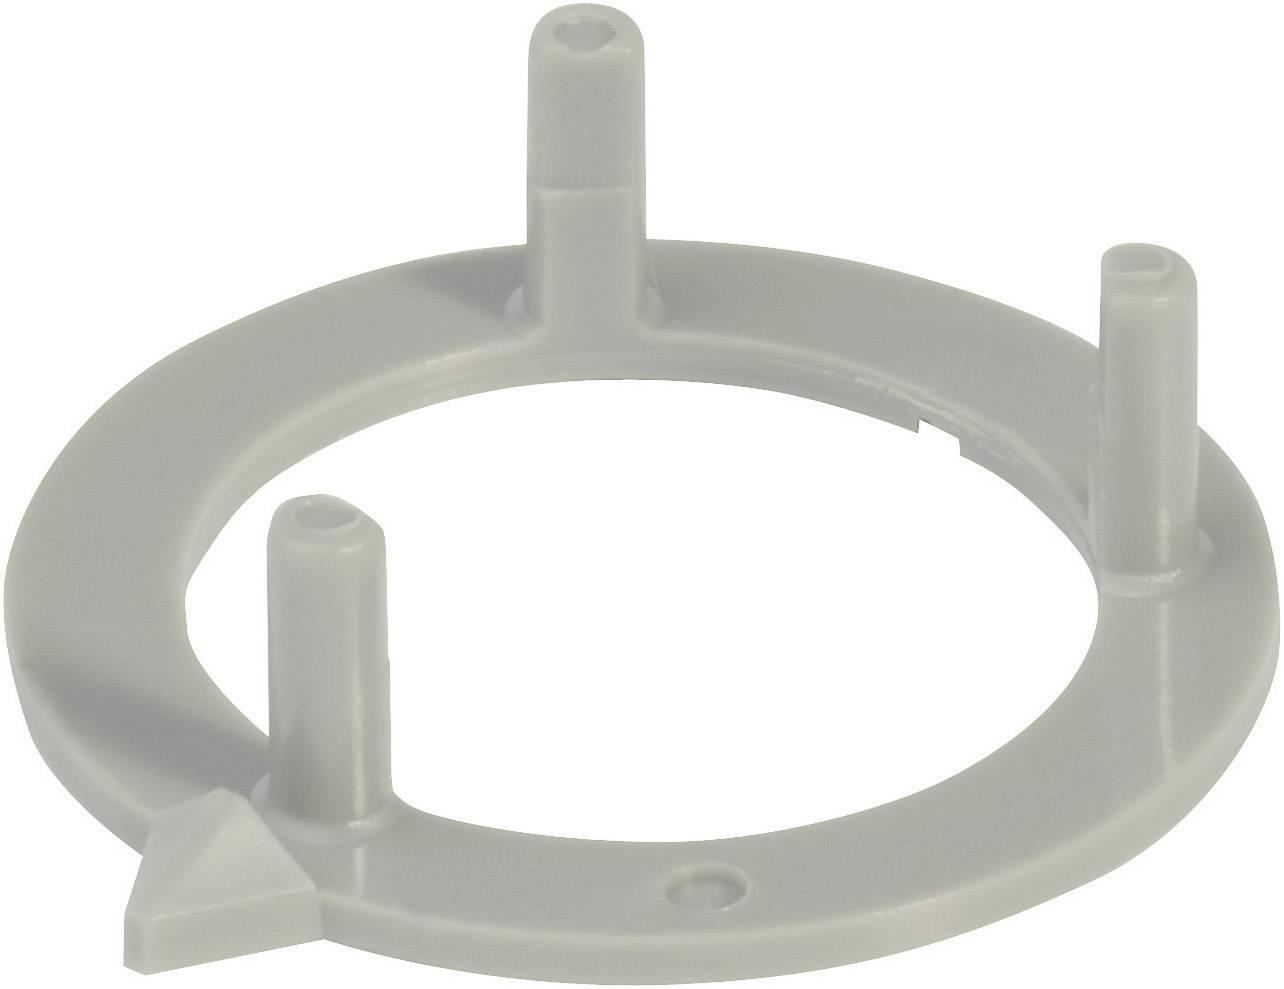 Ukazatel OKW vhodný pro knoflíky Ø 40 mm, šedá